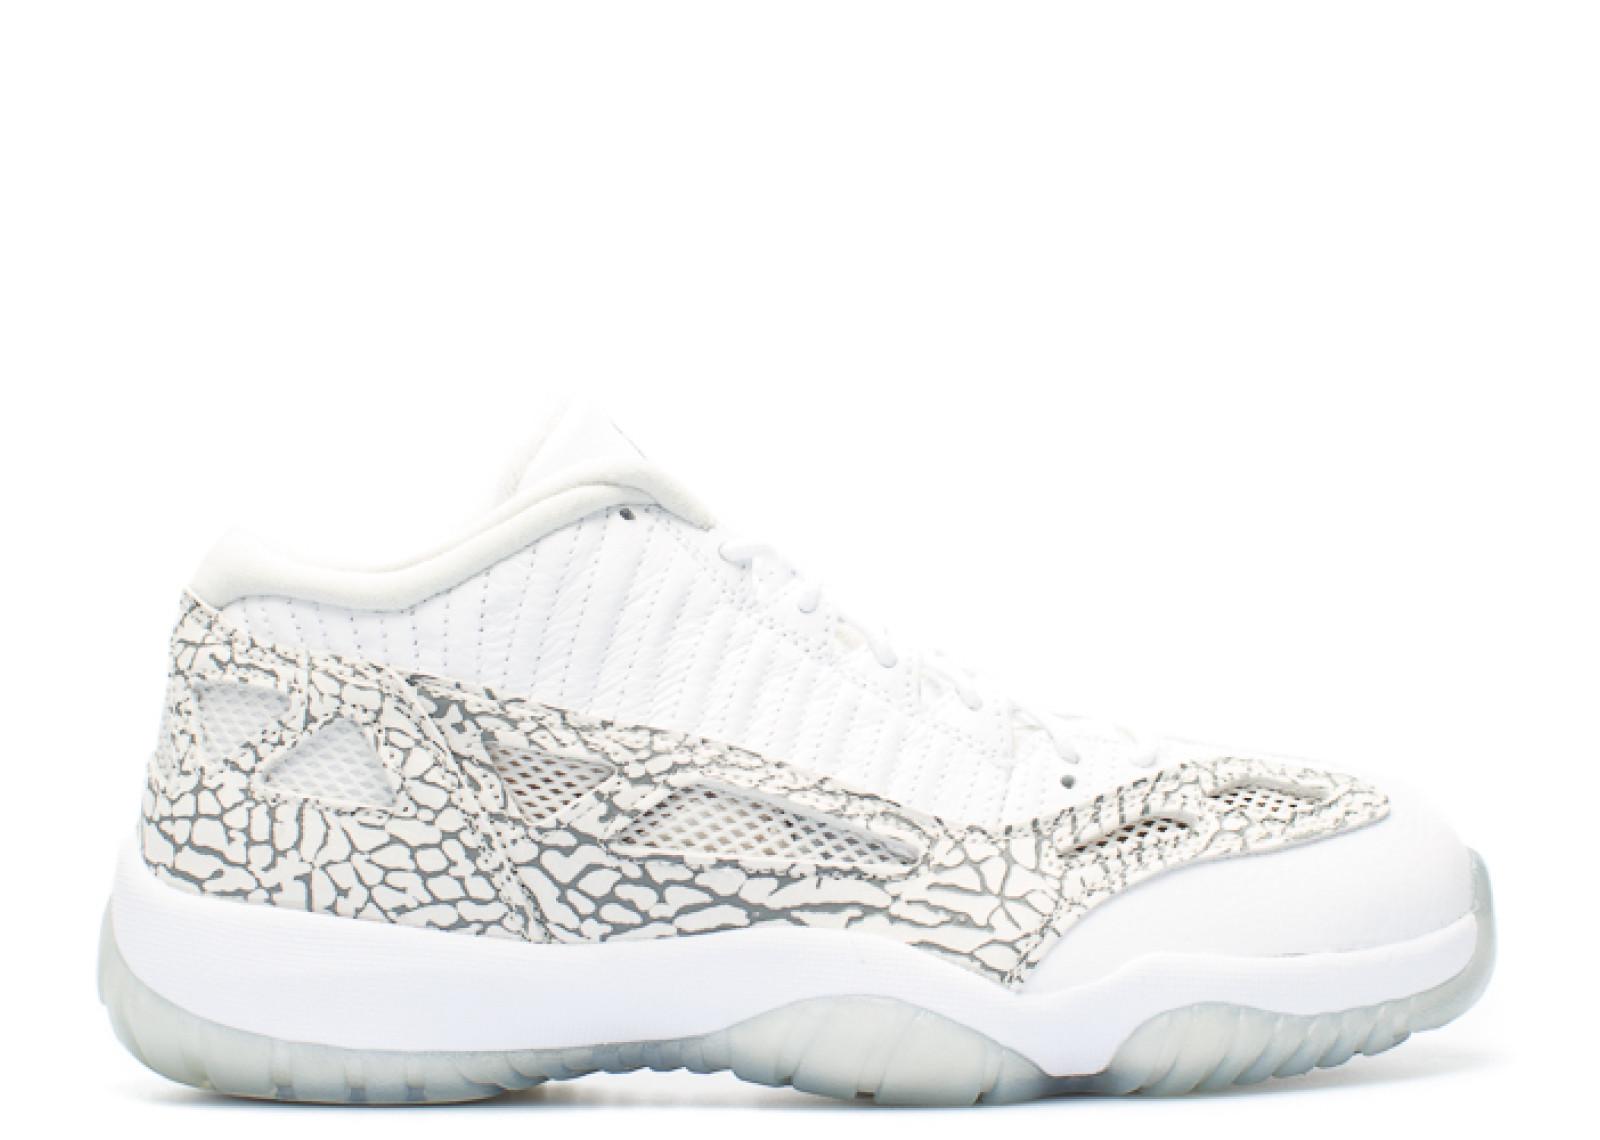 424145681aaa Air Jordan - Men - Air Jordan 11 Retro Low  Cobalt  - 306008-102 - Size 10.5